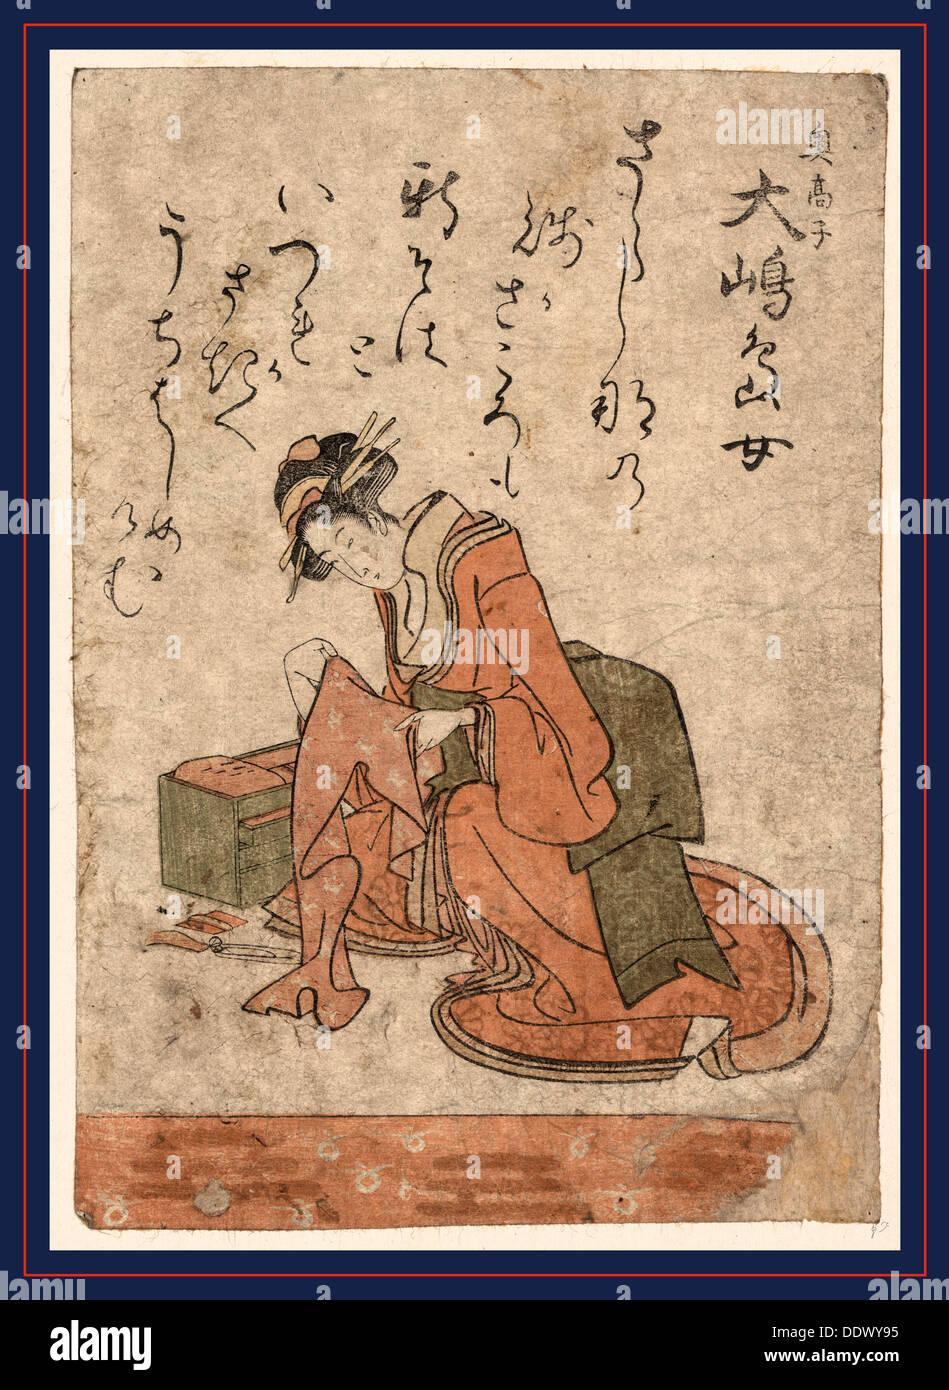 Oshima shimajo, The beauty Oshima Shimajo. [between 1801 and 1805], 1 print : woodcut, color ; 20.2 x 14 - Stock Image